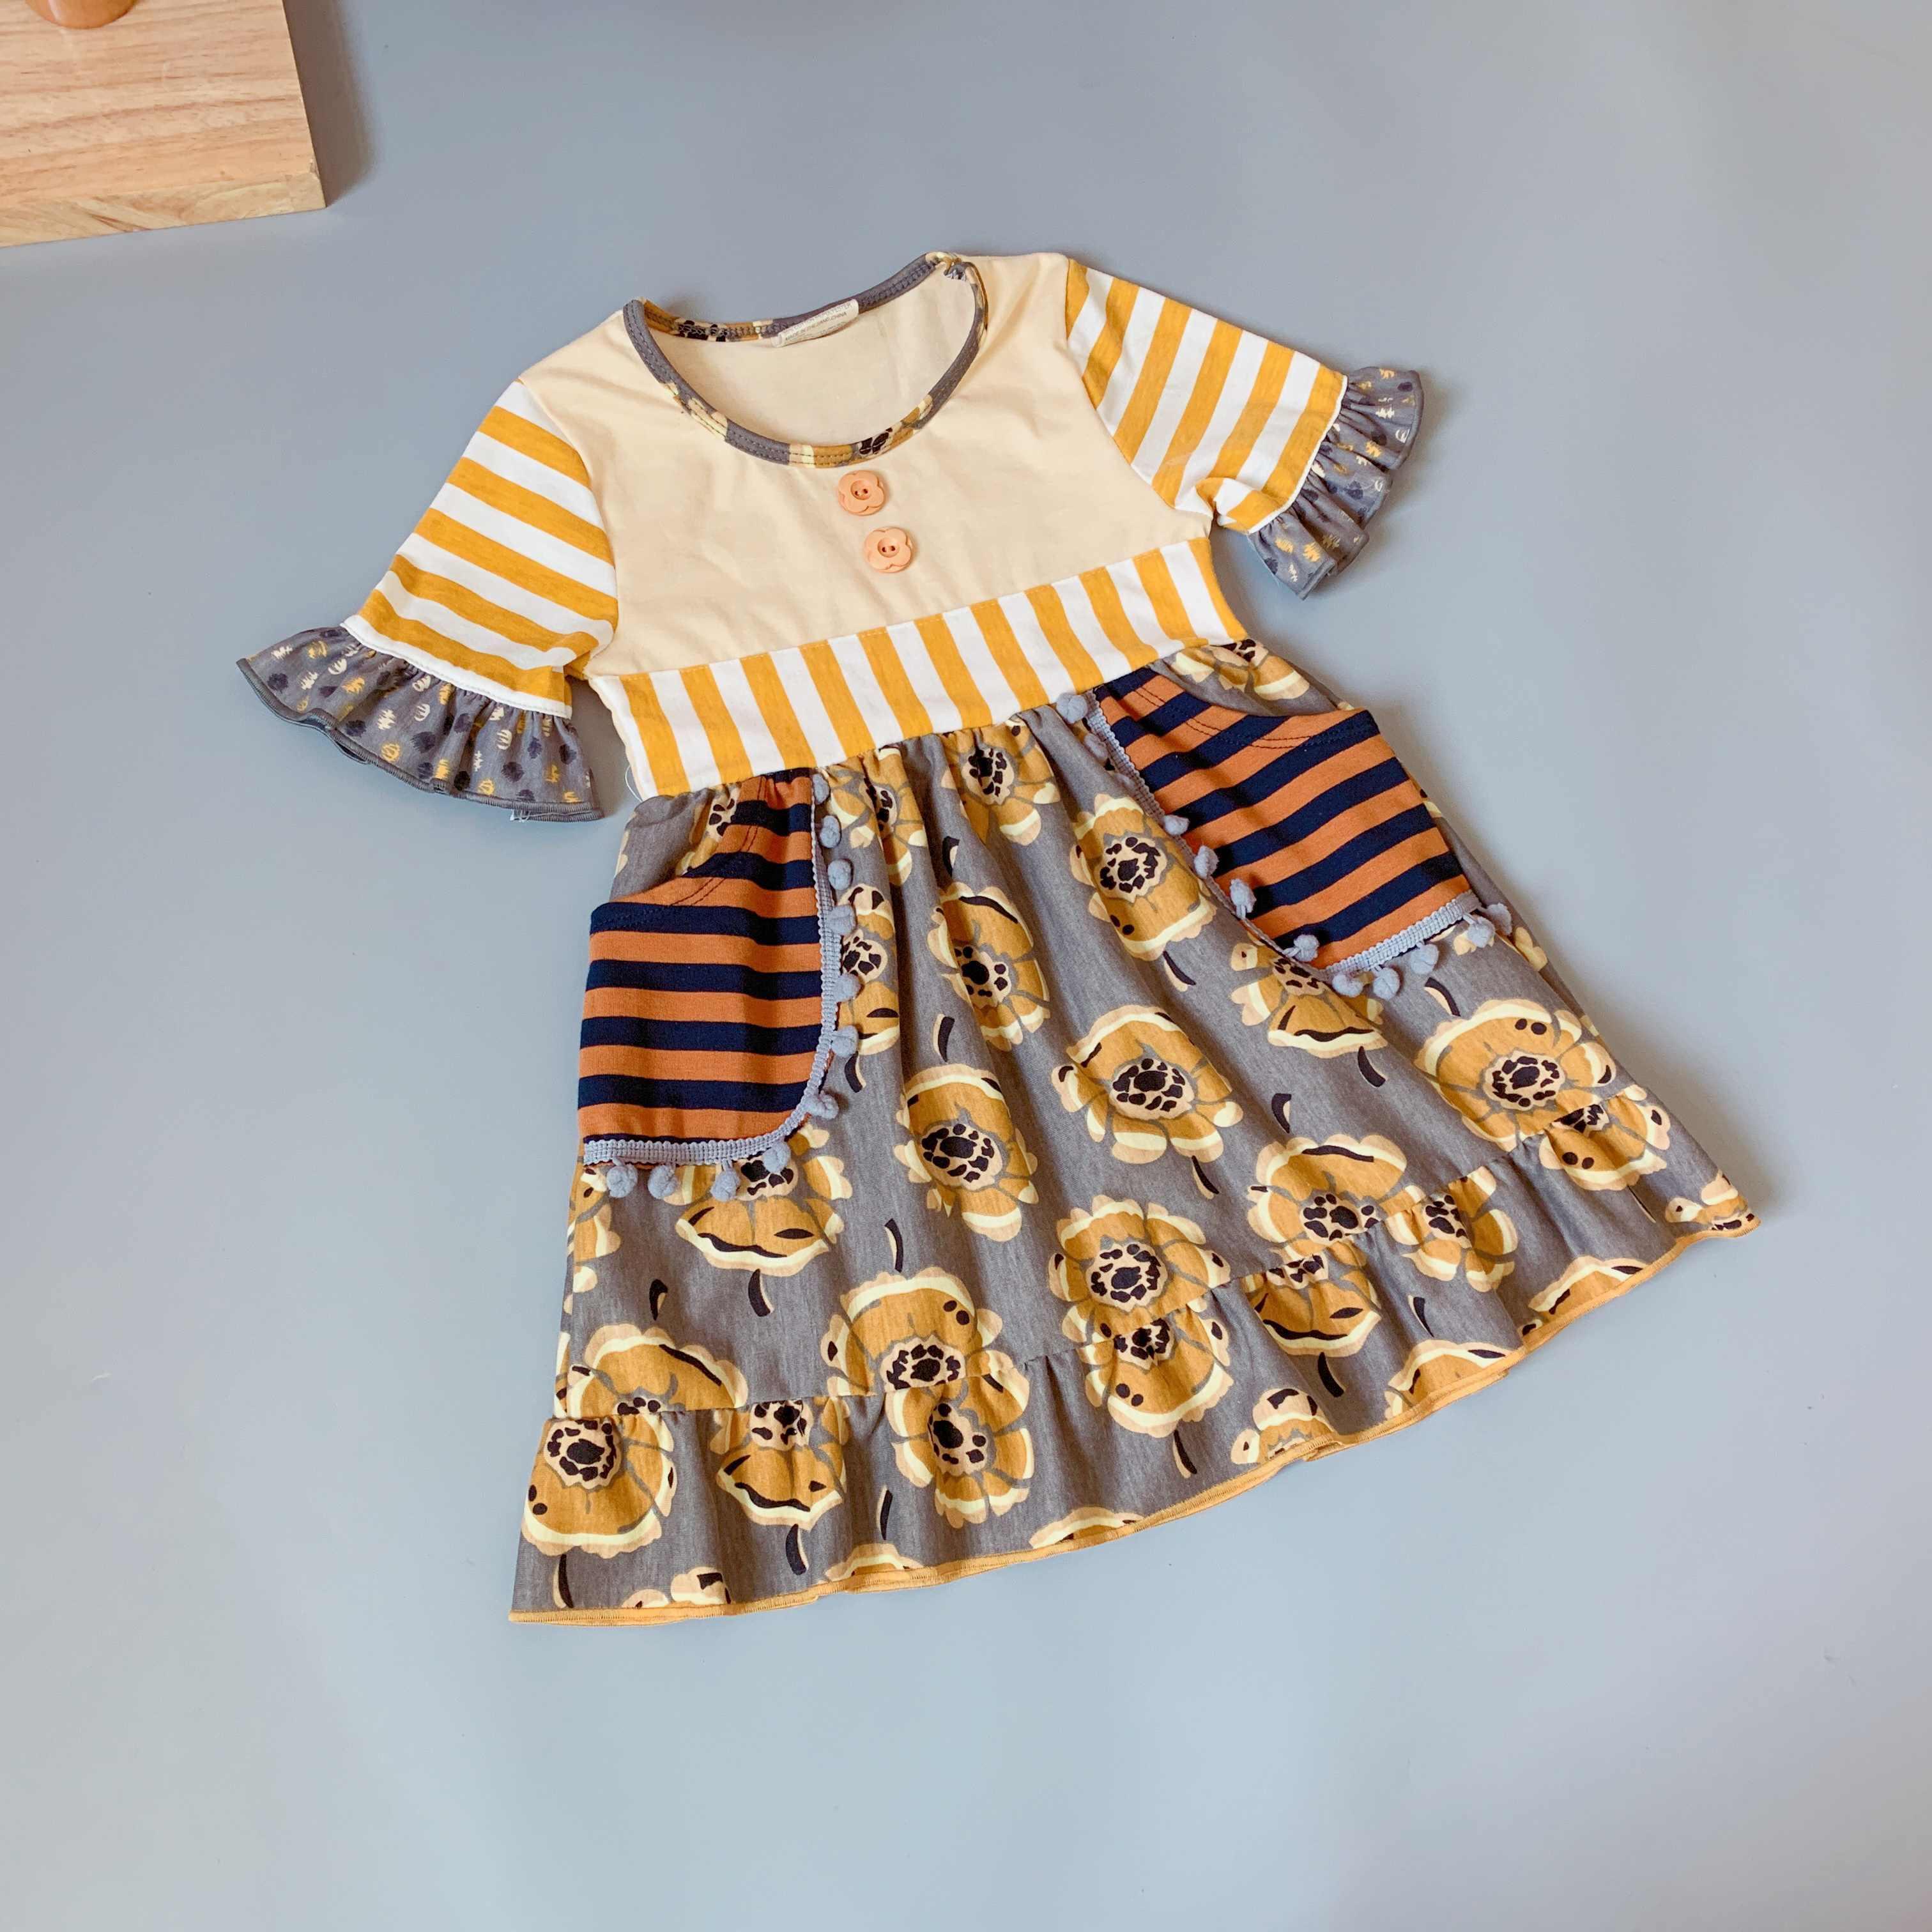 Горчичный 100% Осенняя хлопковая Футболка с геометрическим рисунком рюшами Платье для маленьких девочек осеннее платье